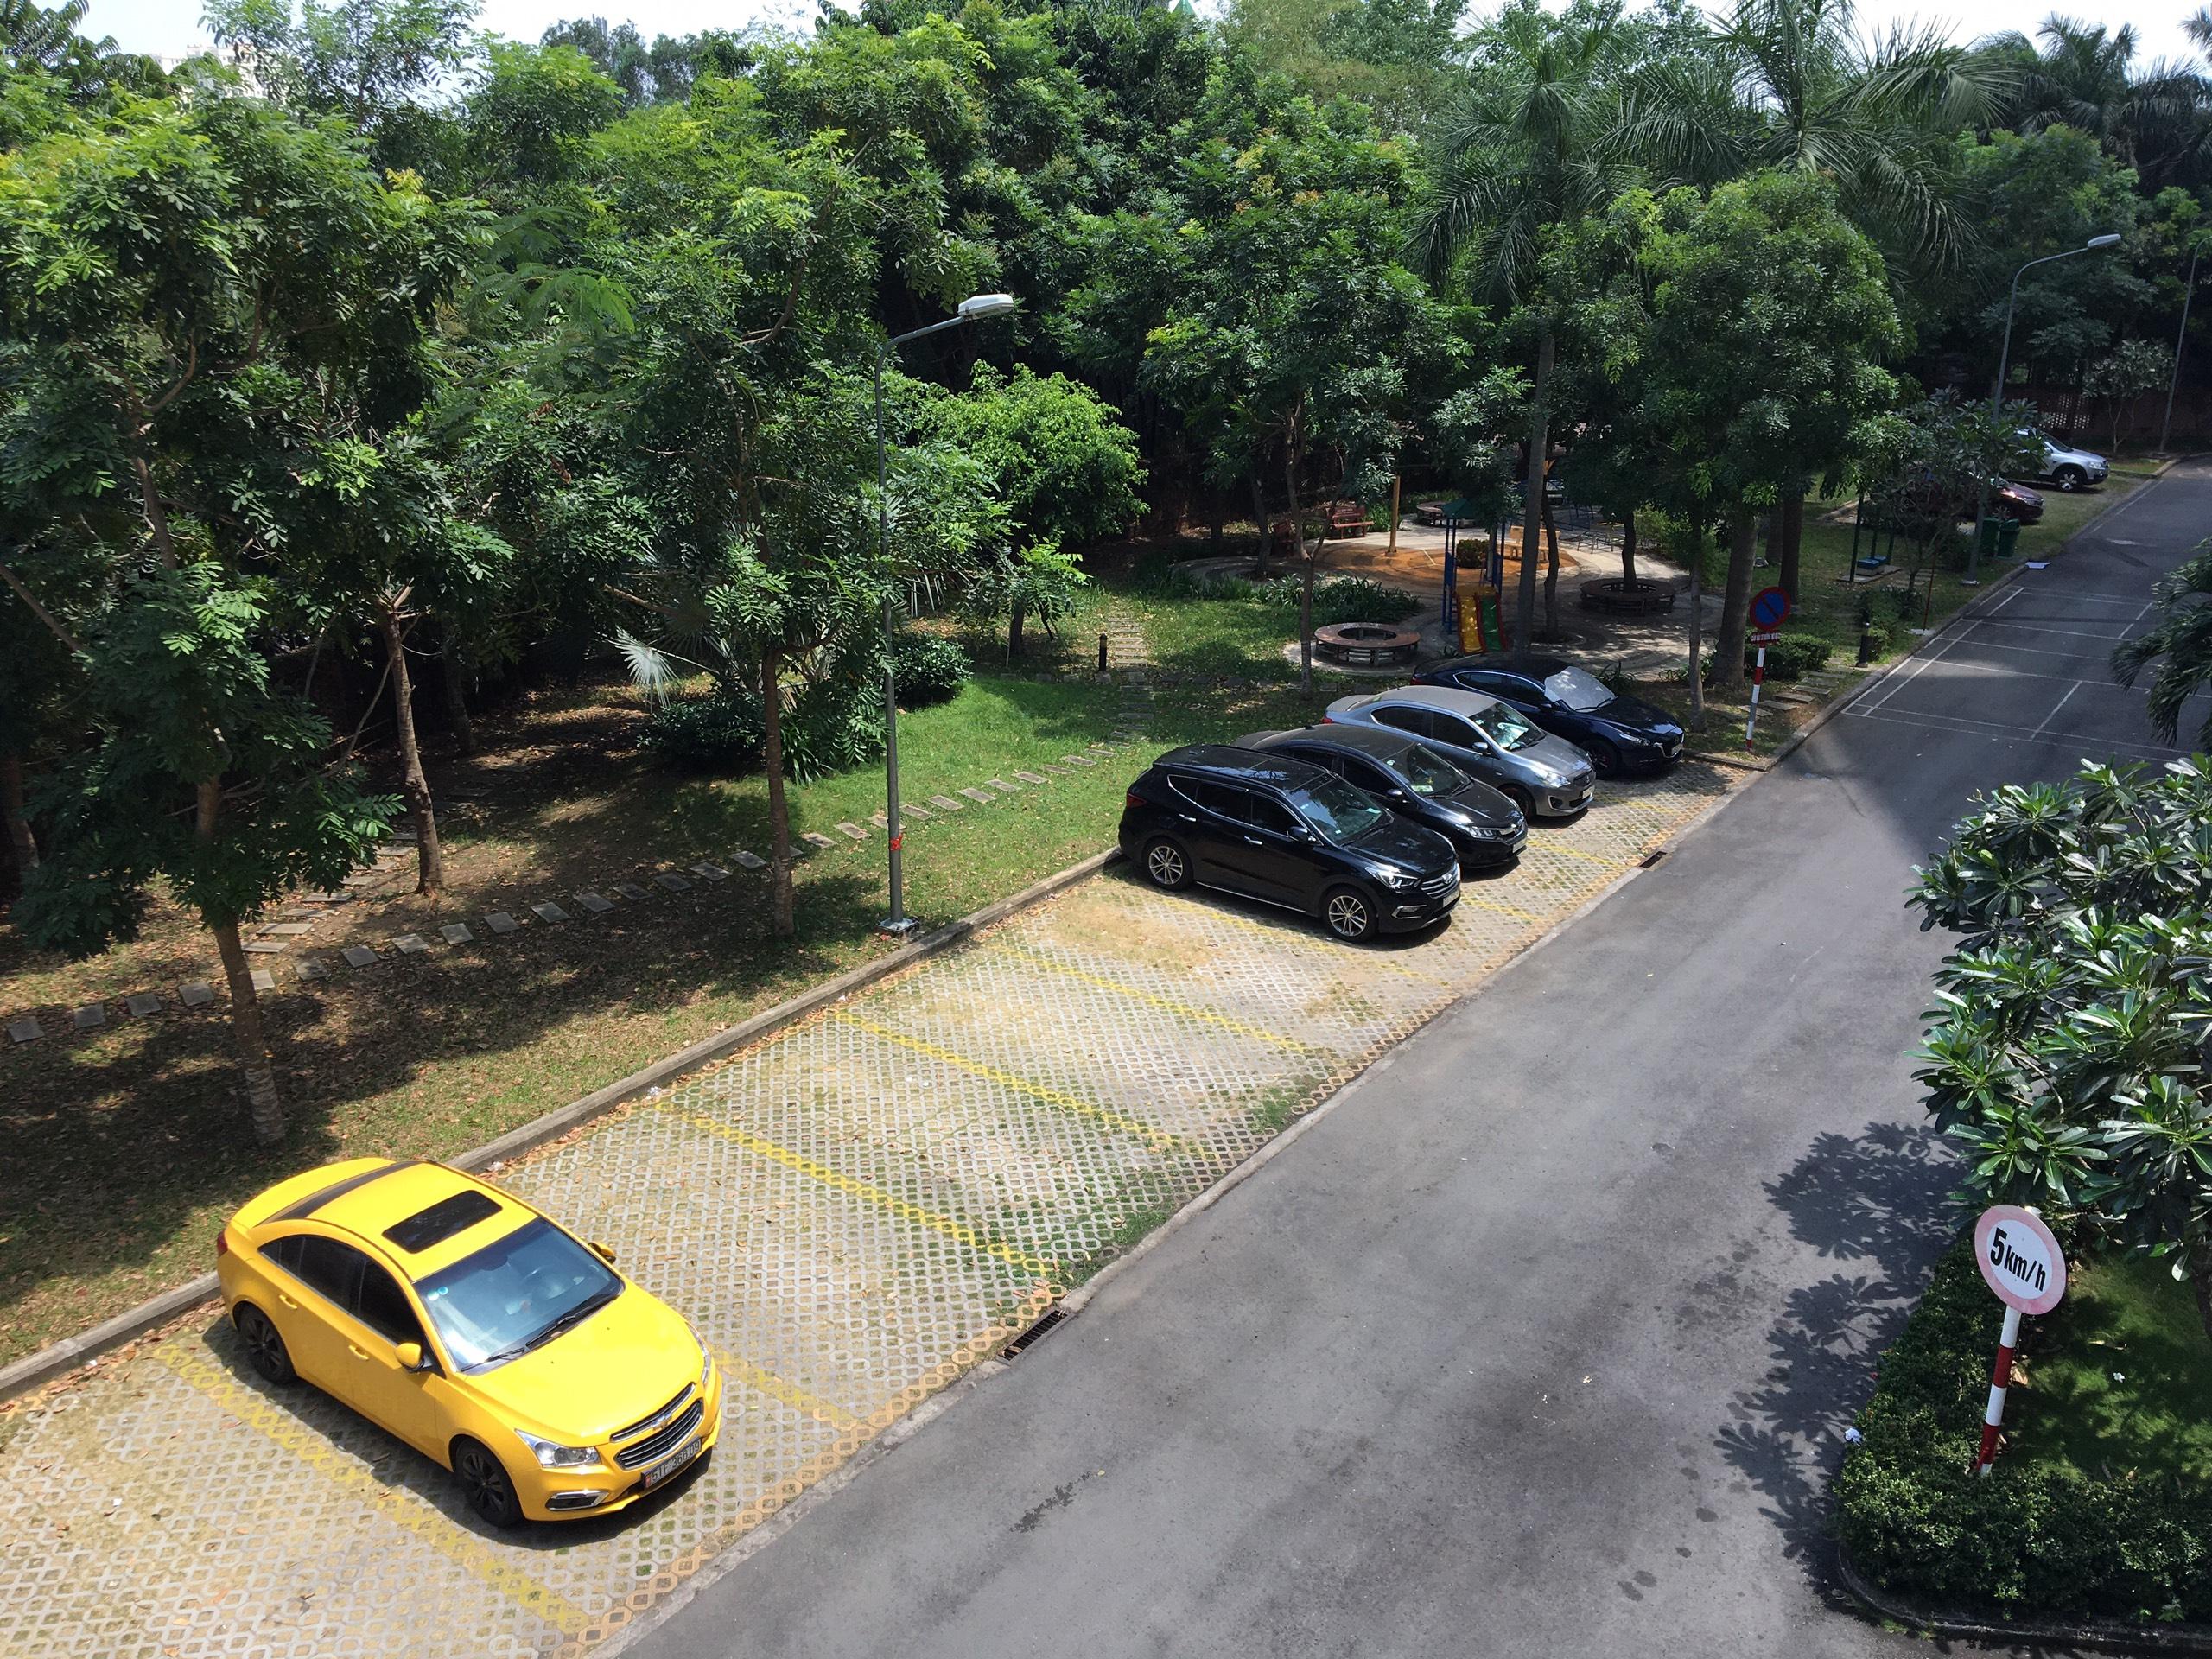 Bãi đậu xe và vườn cây xanh nội khu chung cư Sunview Town